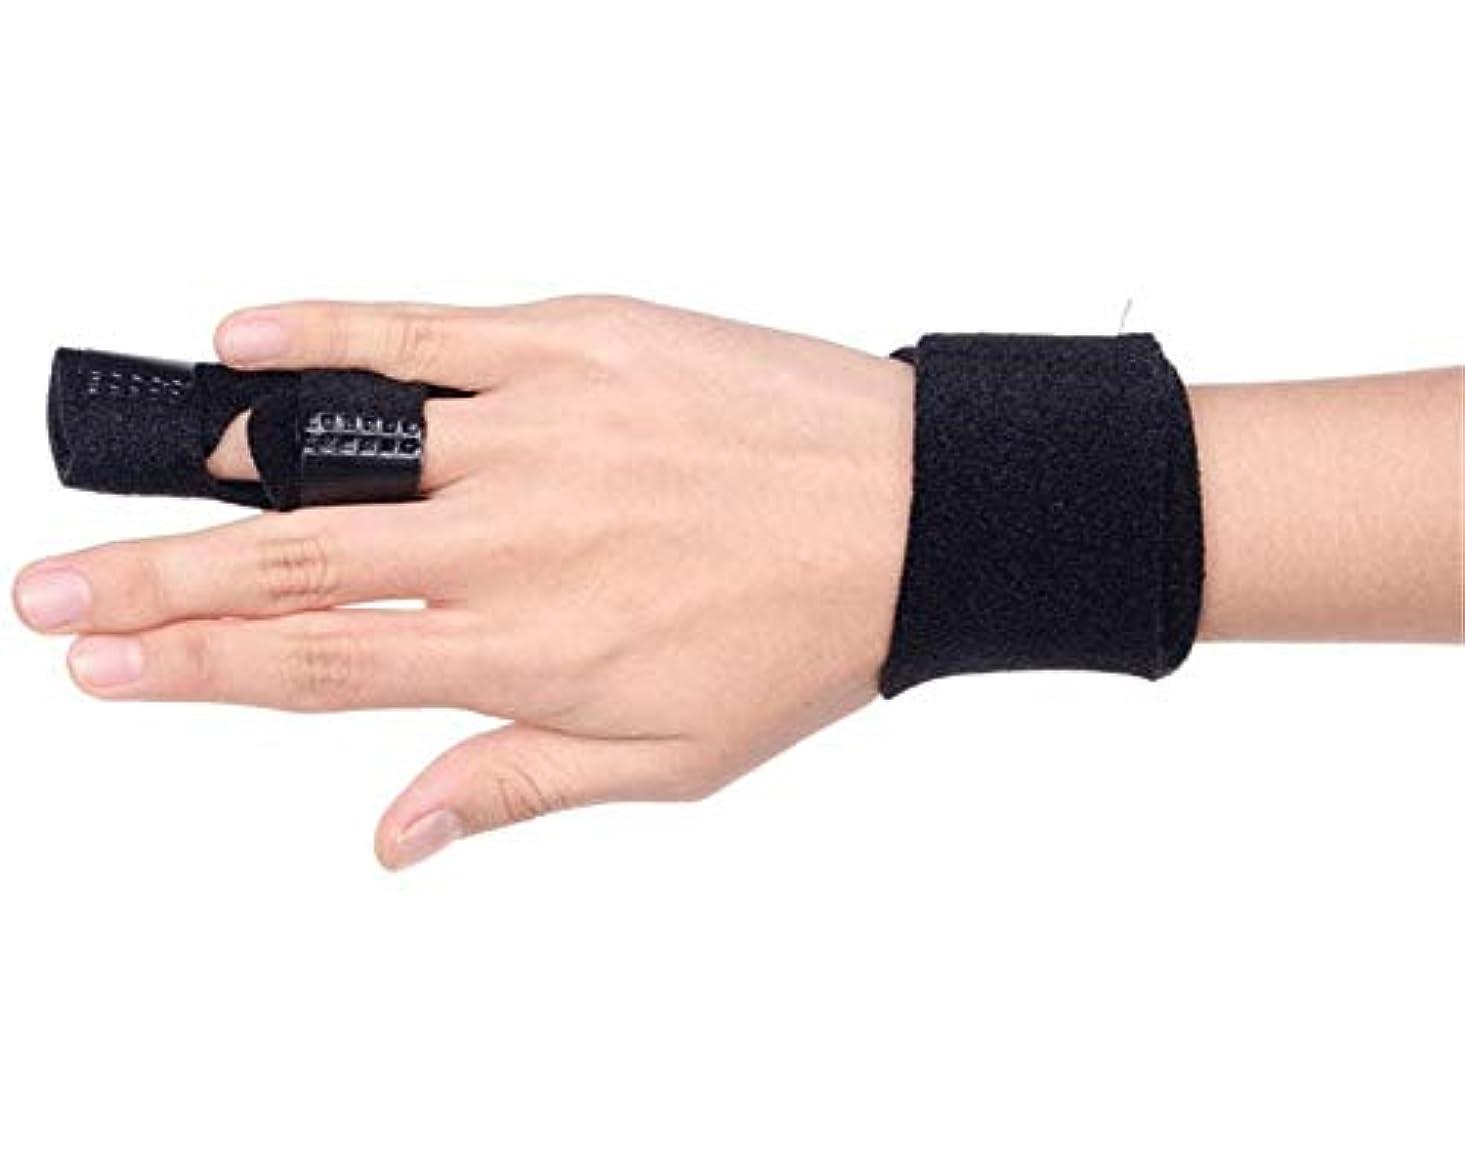 発表事実上パズル調節可能な定着ベルトリリースし、痛みを軽減するFingerboardseparator - 中指、薬指、人差し指ブレースのためのフィンガースプリント-Fingerインソールフィンガースプリント